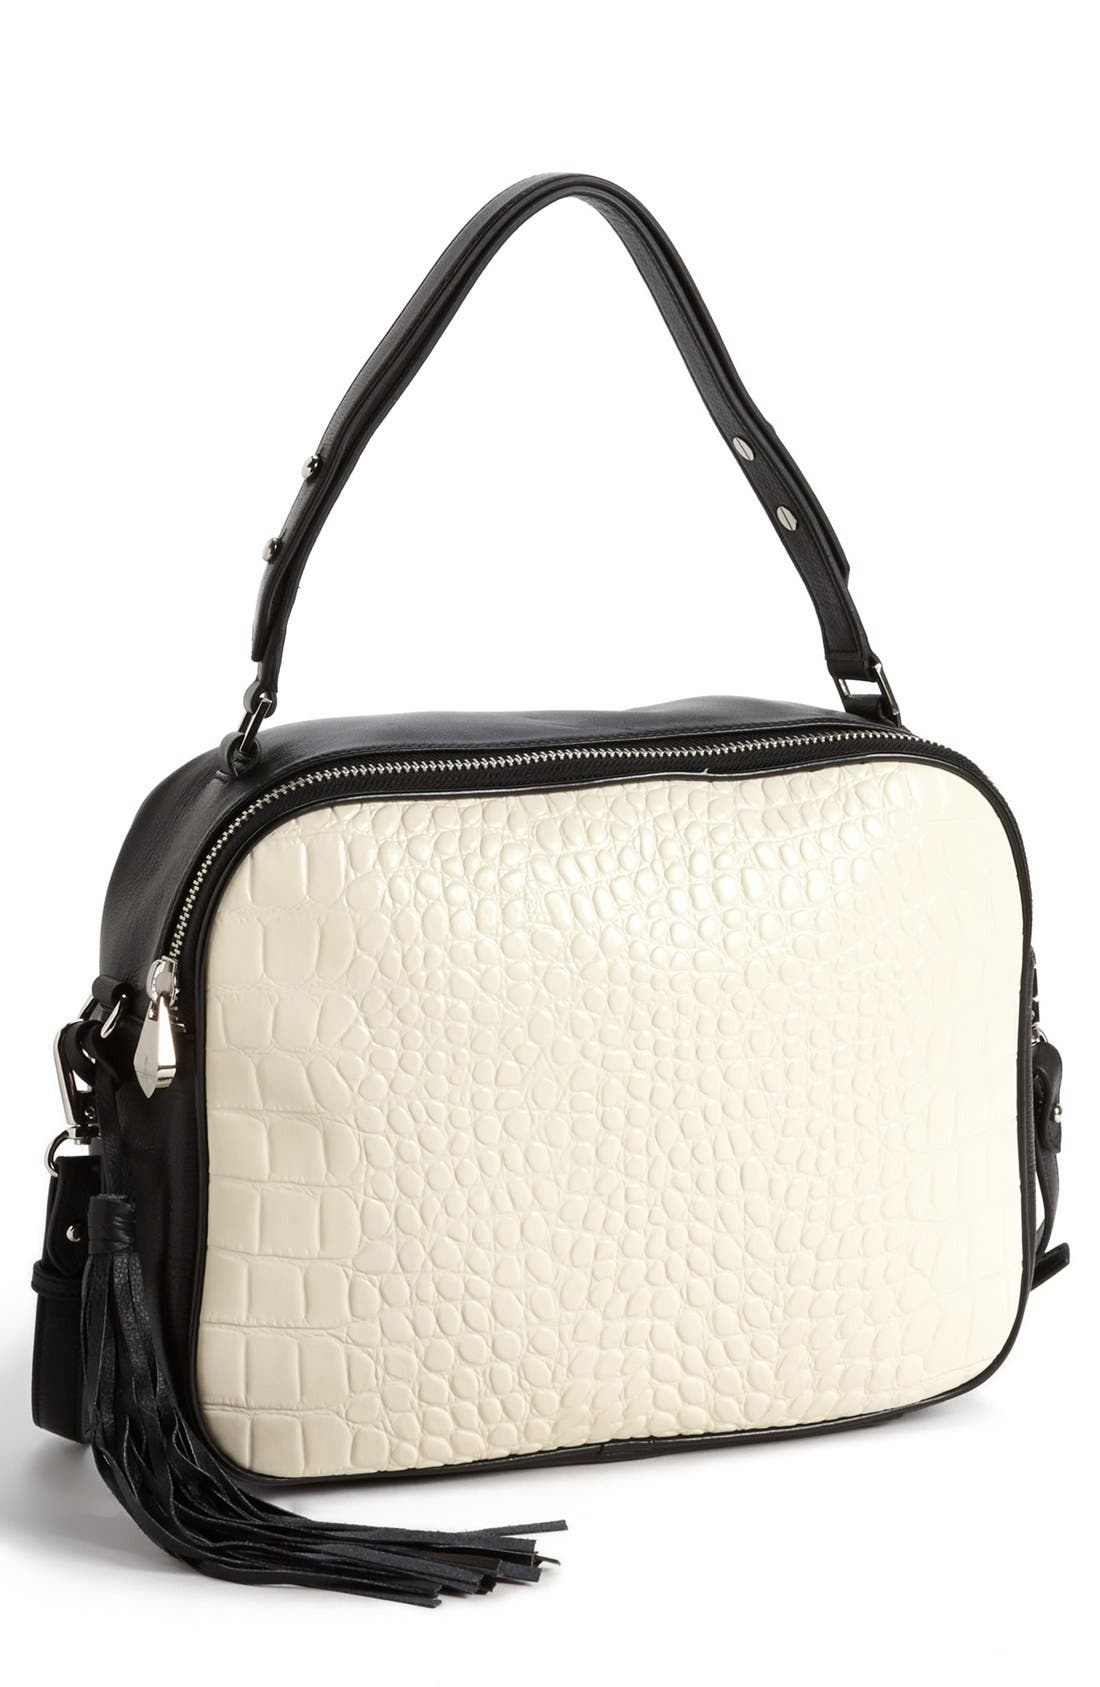 Main Image - Pour la Victoire 'Nora' Leather Crossbody Bag